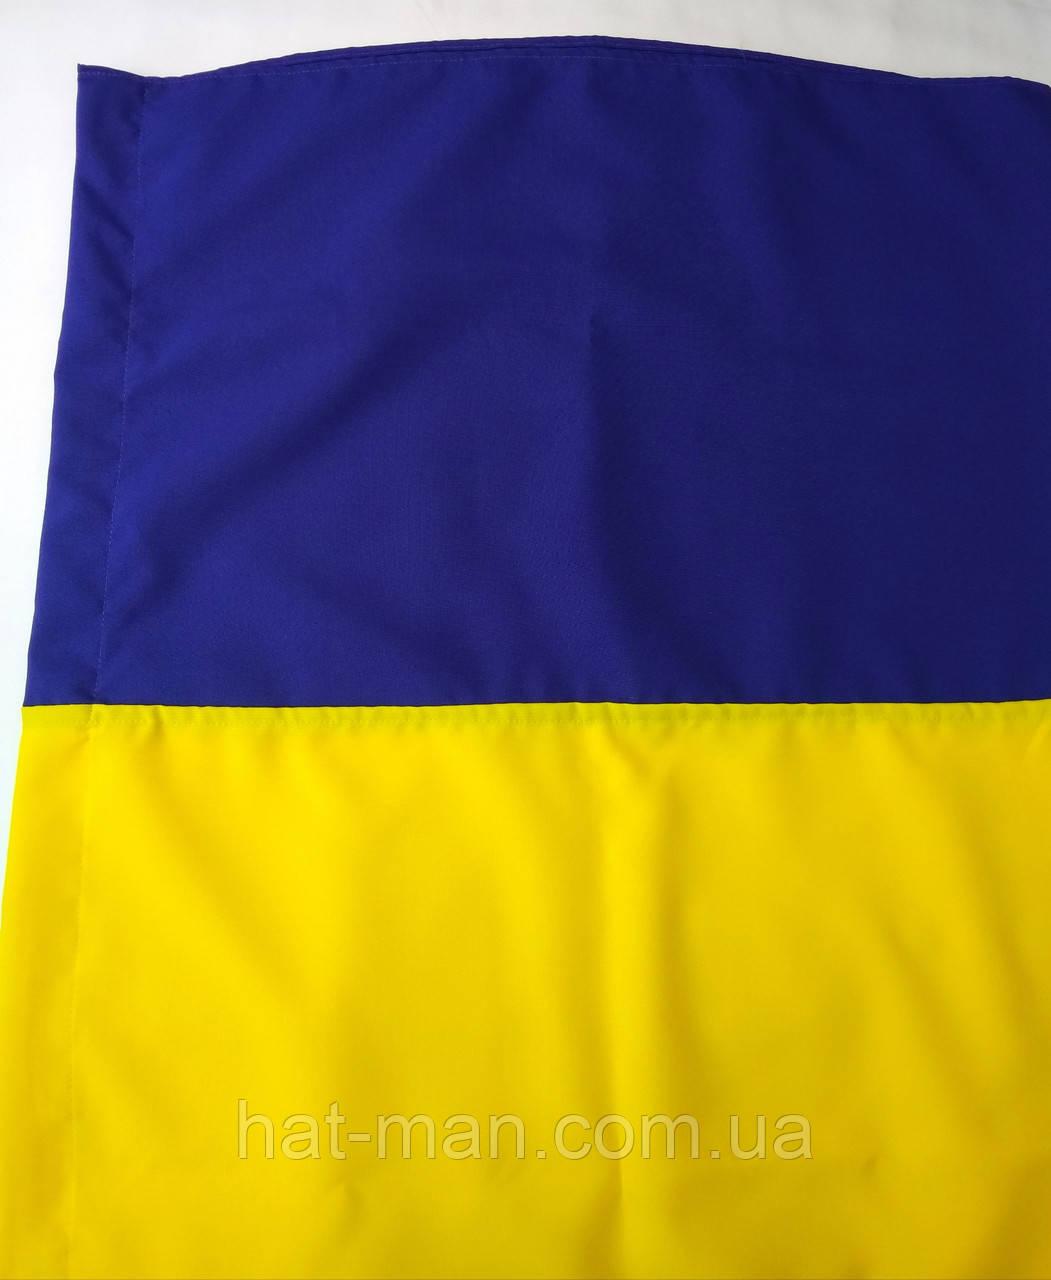 Прапор України великий: 140 на 85см, з габардину